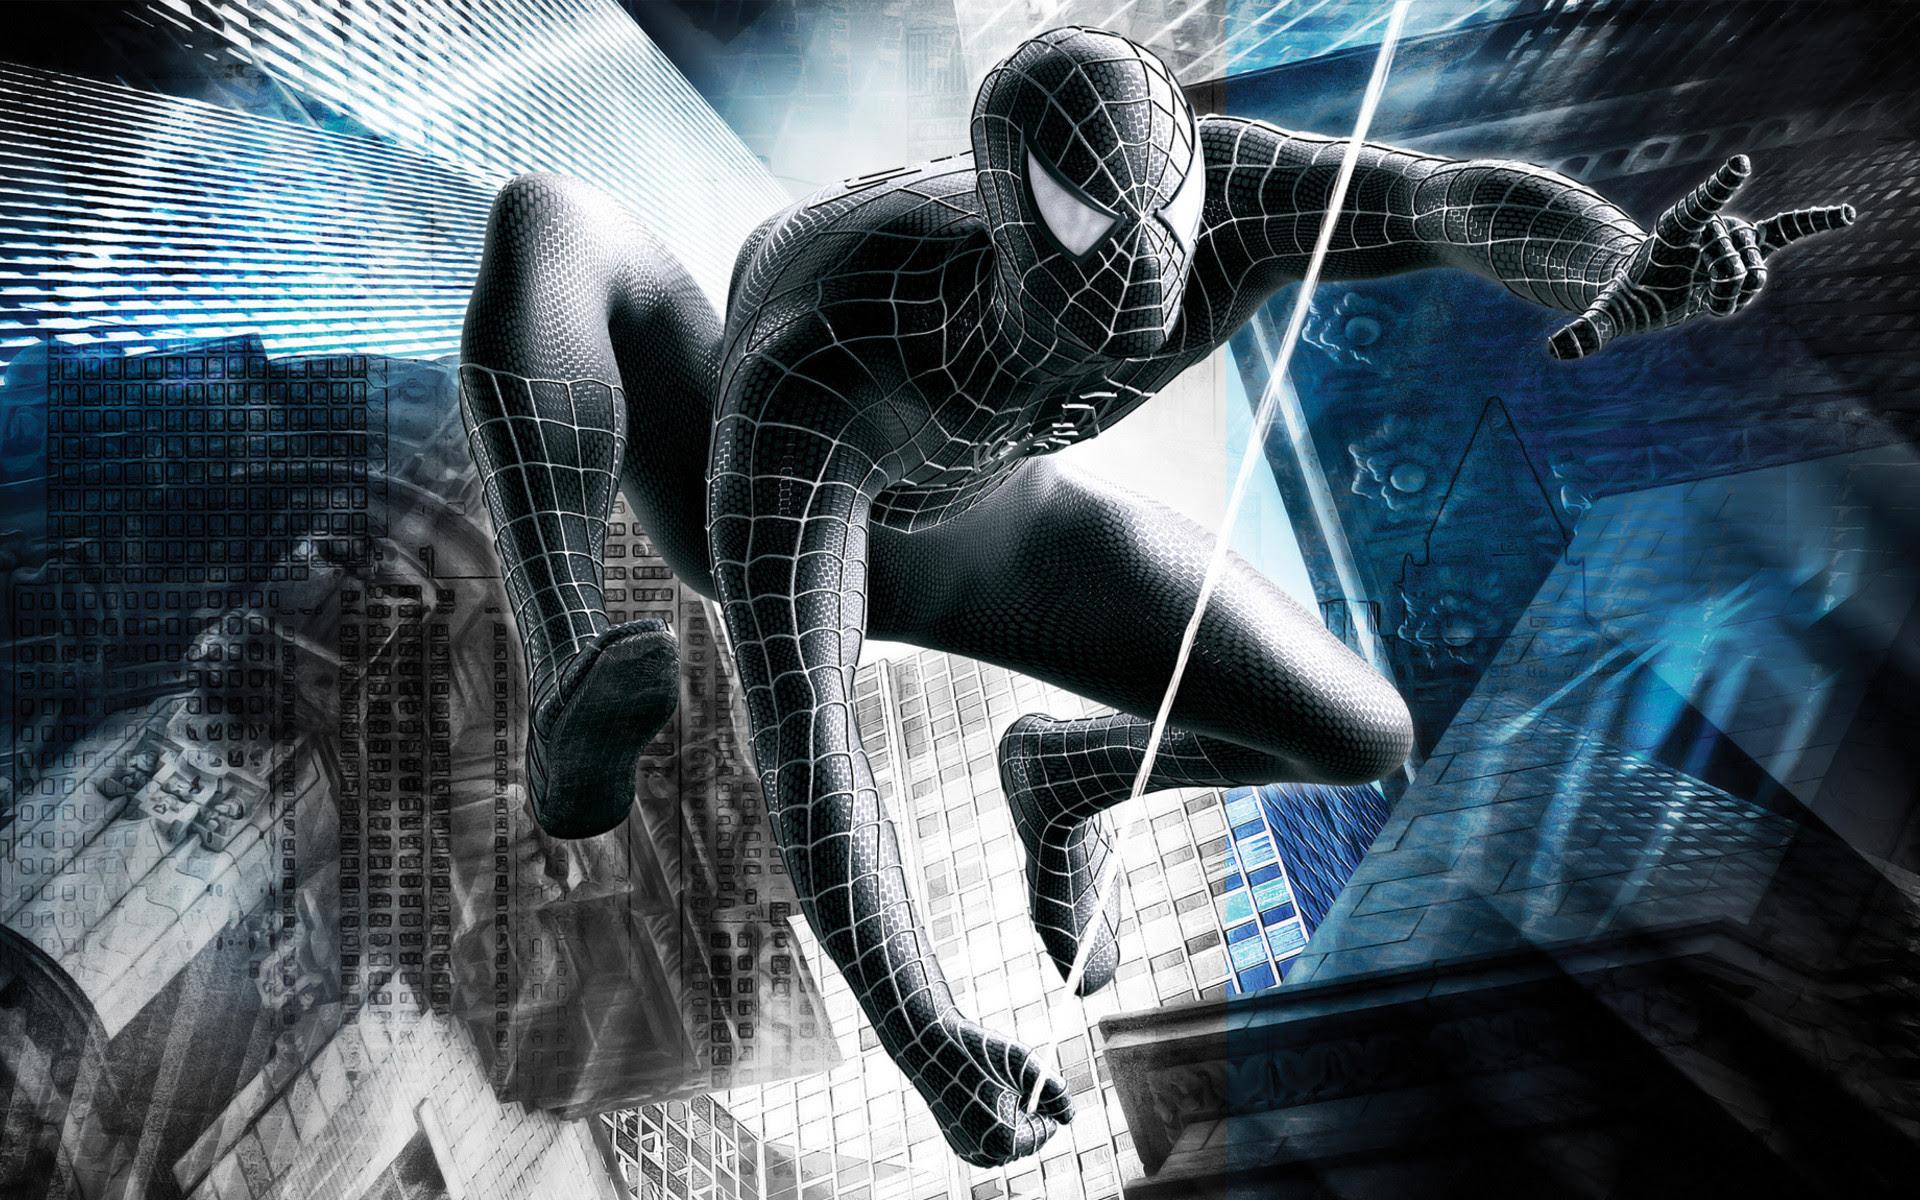 1920x1200 spider man 3 hd